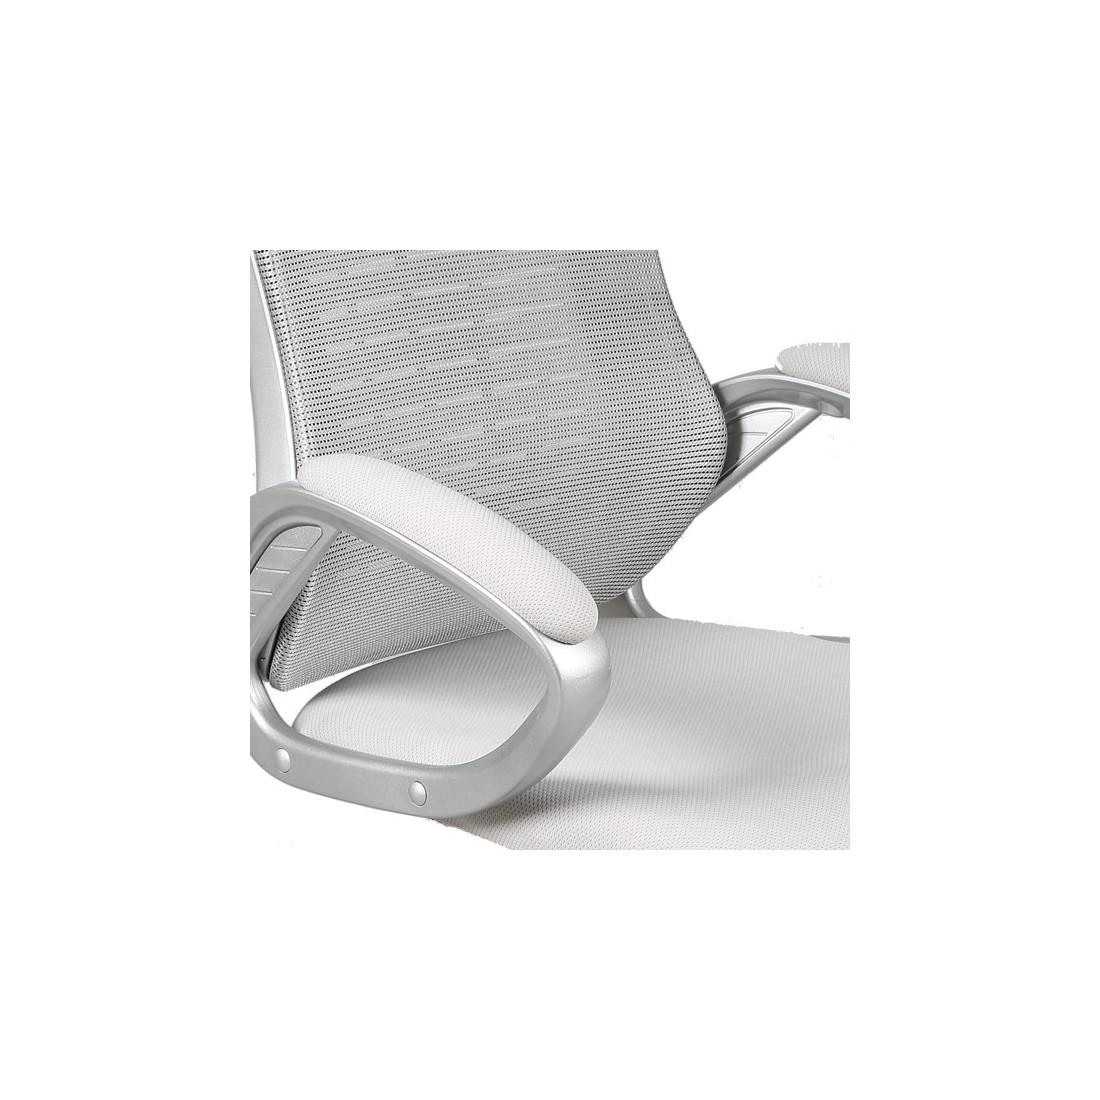 fauteuil de bureau gris tweet univers petits meubles tousmesmeubles. Black Bedroom Furniture Sets. Home Design Ideas